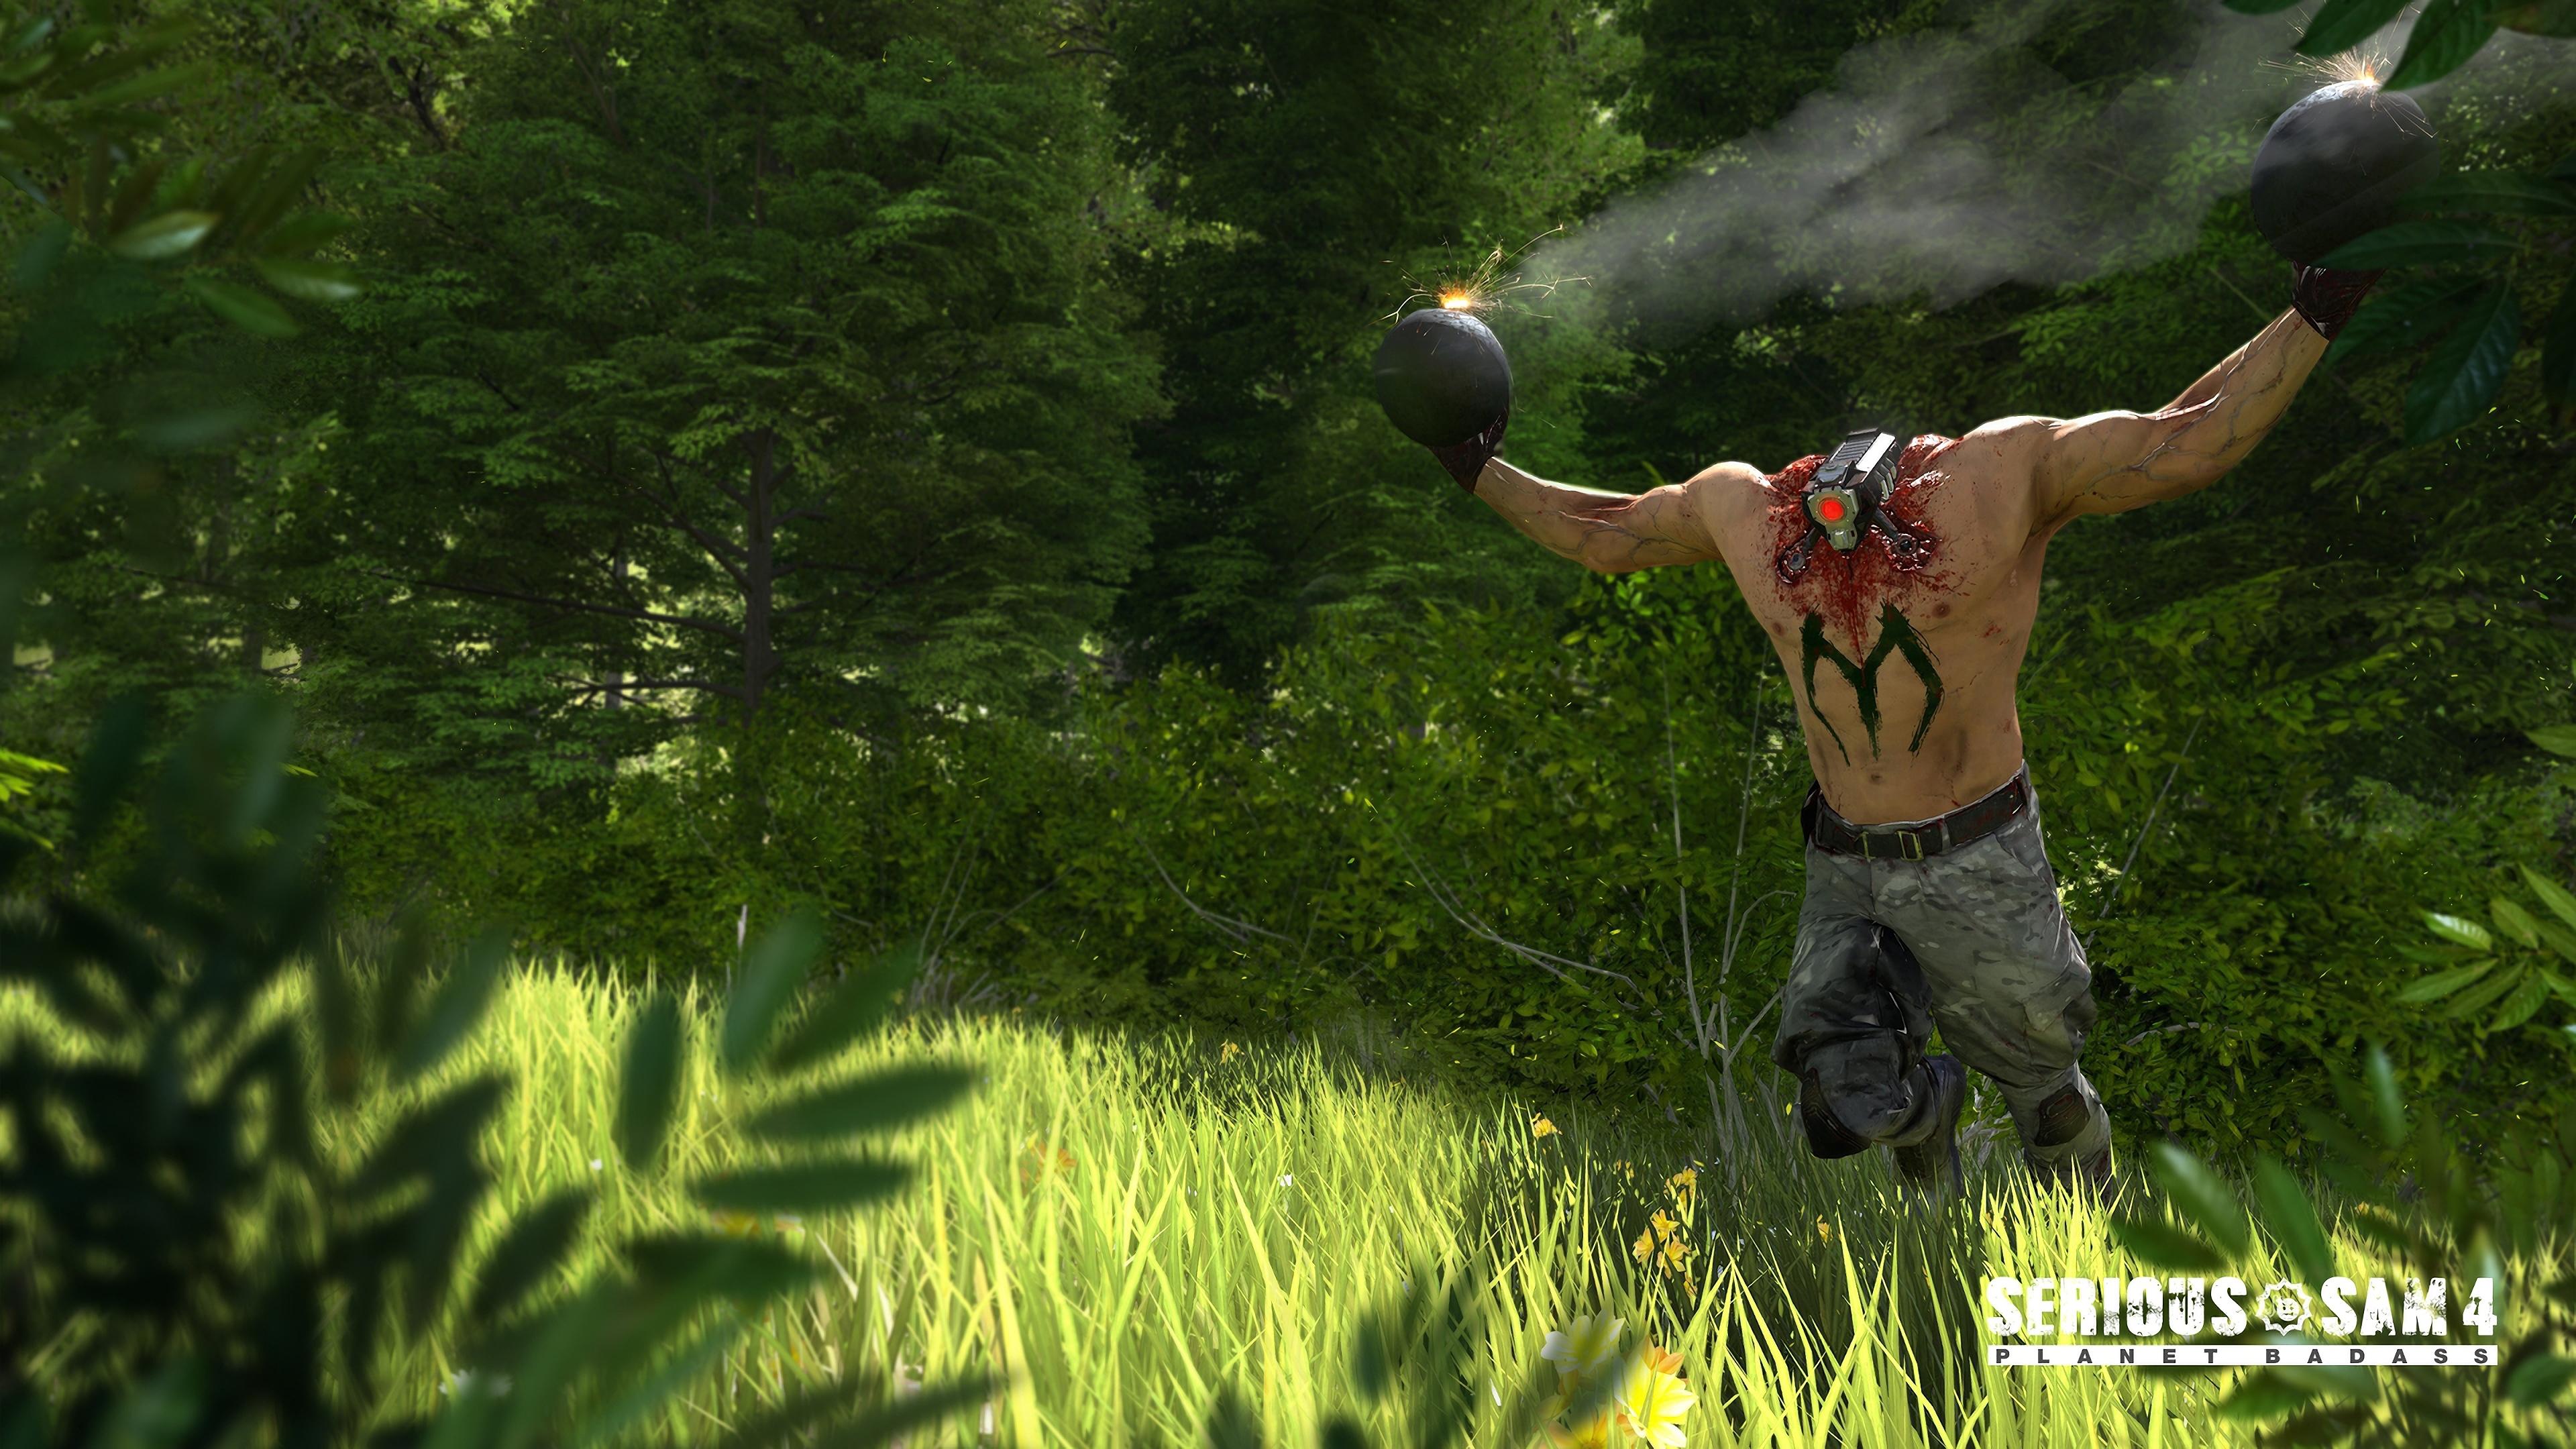 Serious Sam - Serious Sam 4 Planet Badass , HD Wallpaper & Backgrounds